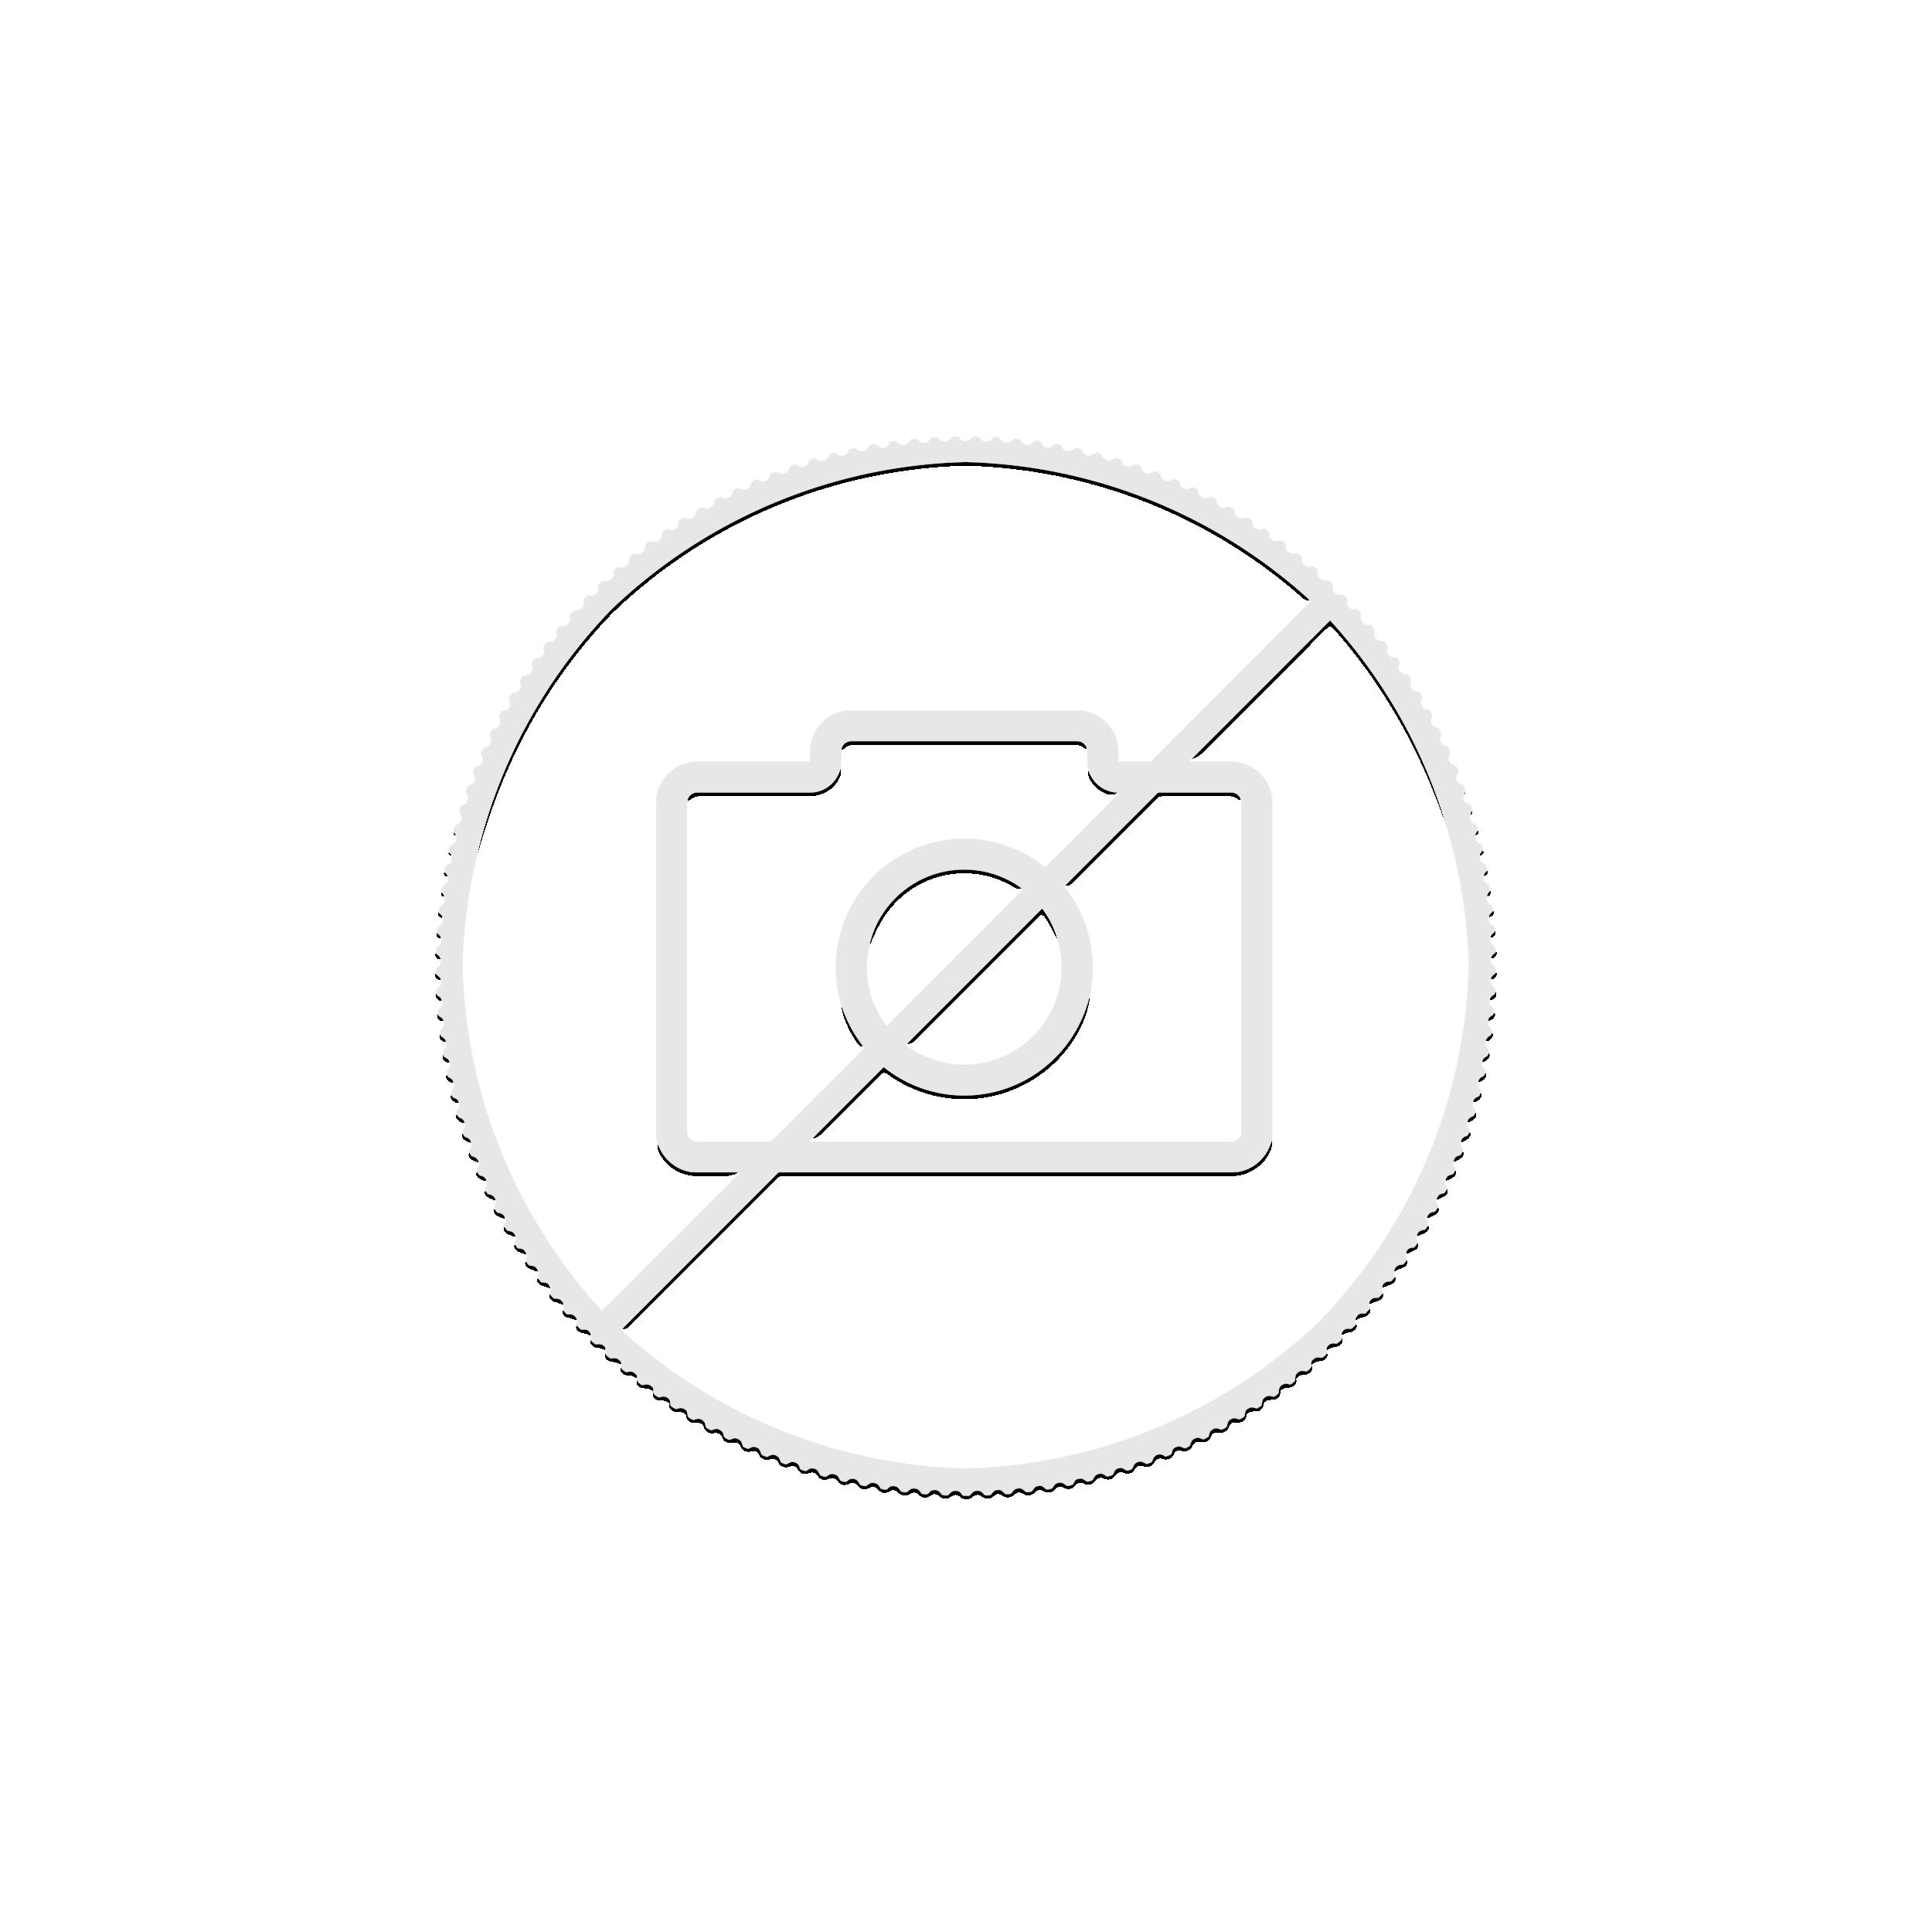 2 troy ounce zilveren munt Gustav Klimt 2020